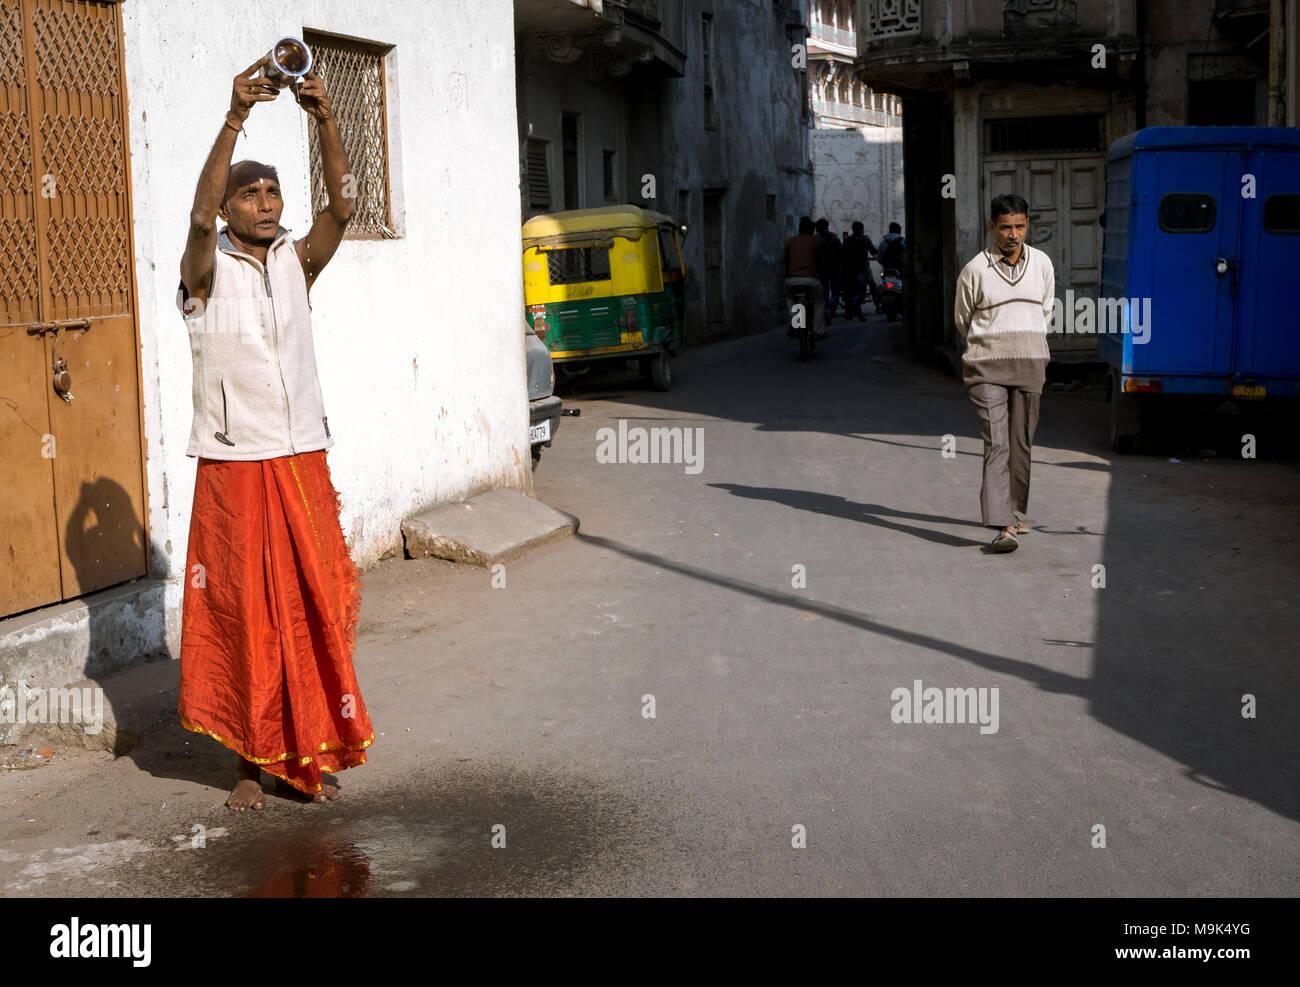 Uomo di eseguire rituali mattina offrendo acqua al sole di Dio in Ahmedabad città dell India. Recentemente riconosciuta come patrimonio mondiale città. Immagini Stock